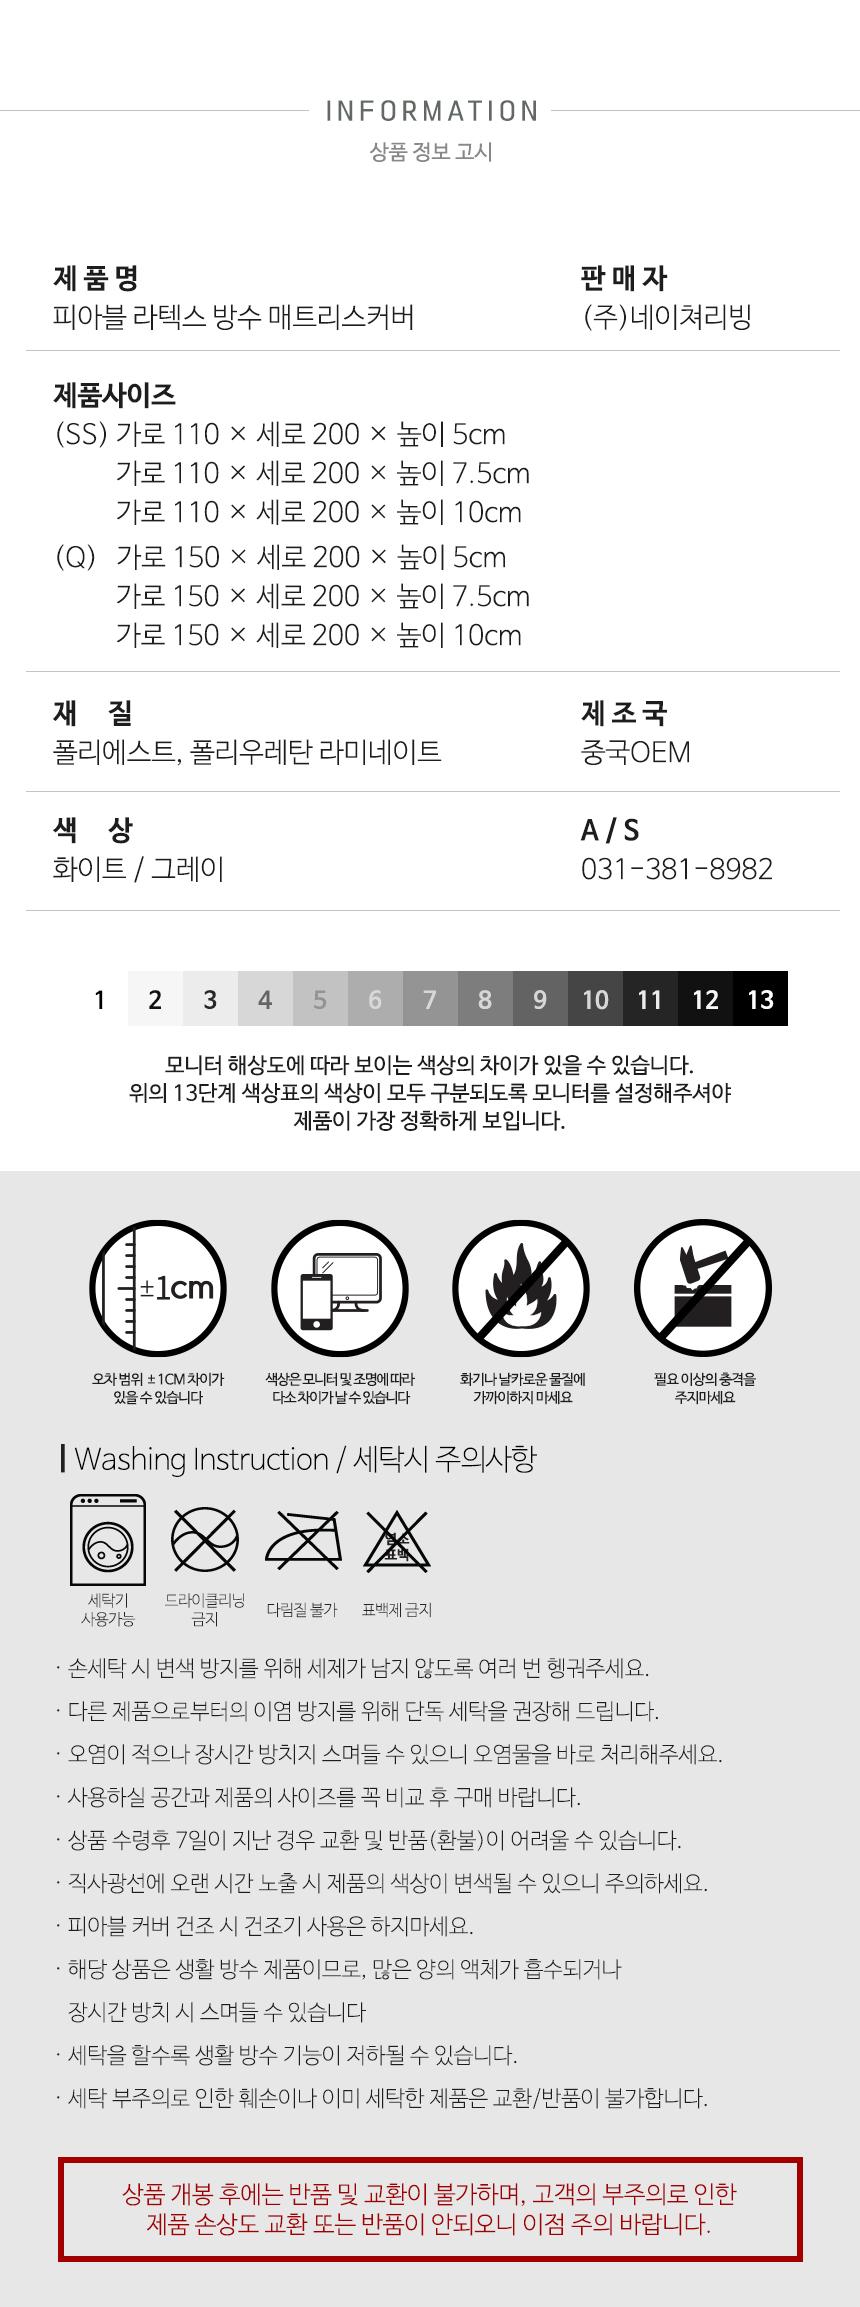 피아블 라텍스 방수 매트리스커버SS (110x200x7.5cm) - 더홈, 18,900원, 침구 커버, 침대/매트리스커버